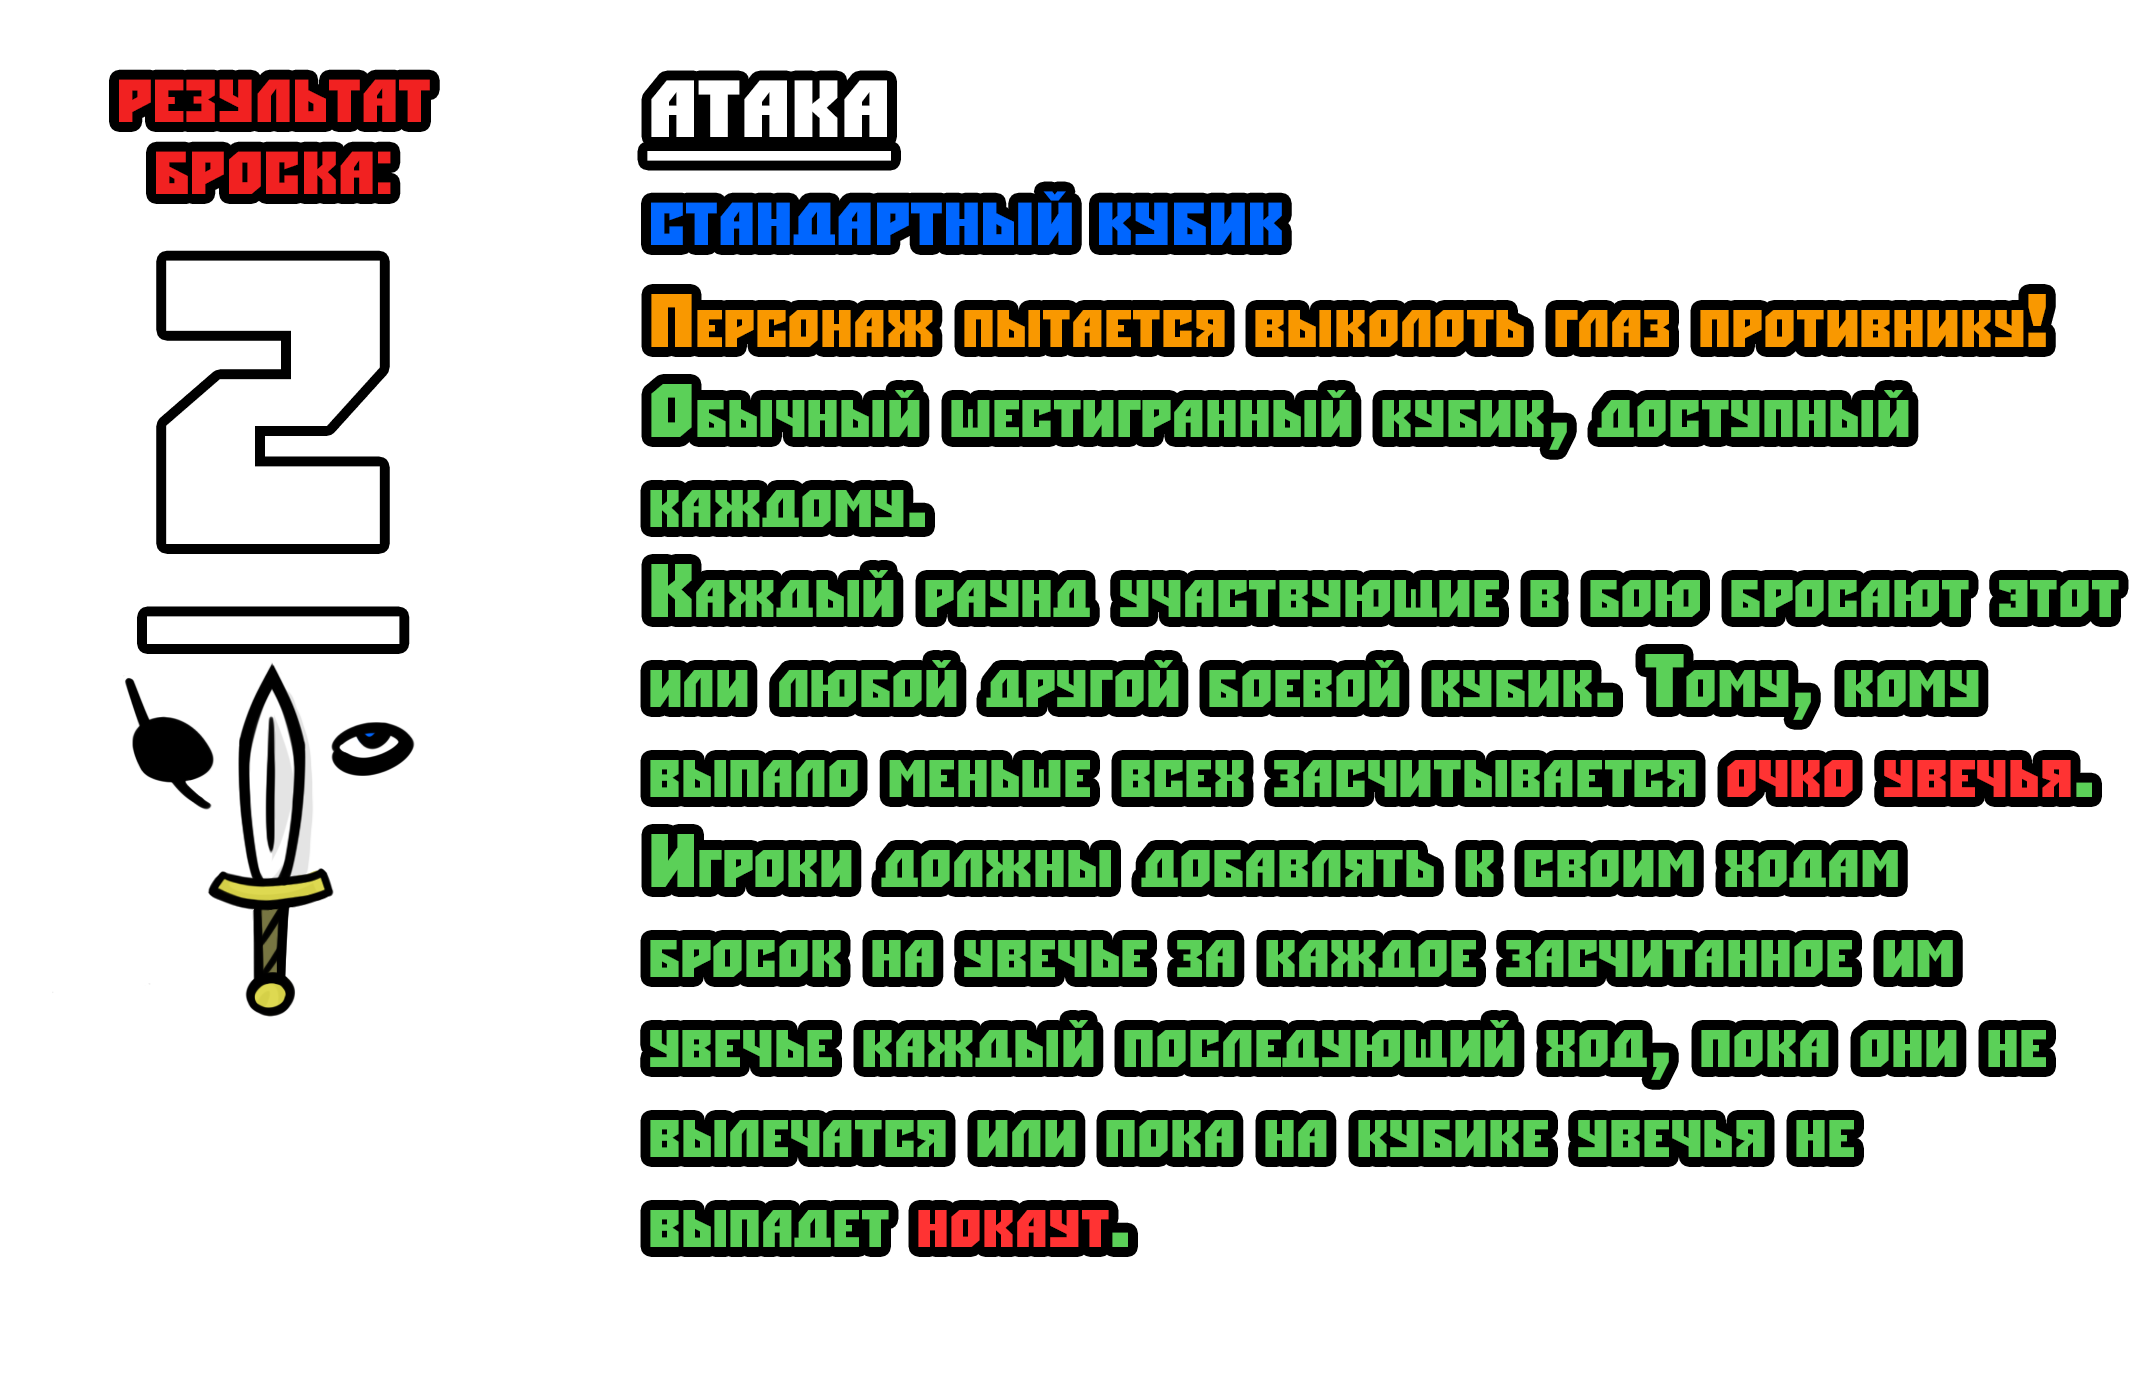 Тест боевой системы 2-1